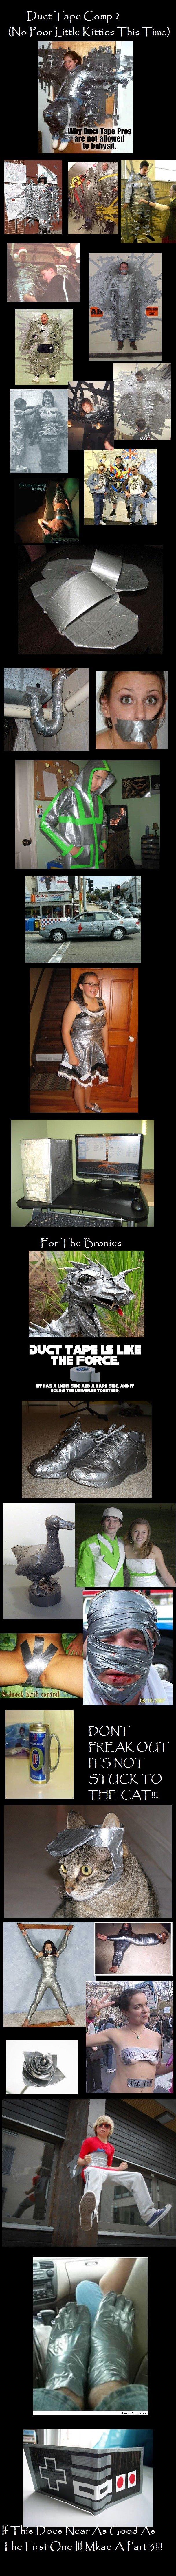 Duct Tape Comp 2. .. amateurs